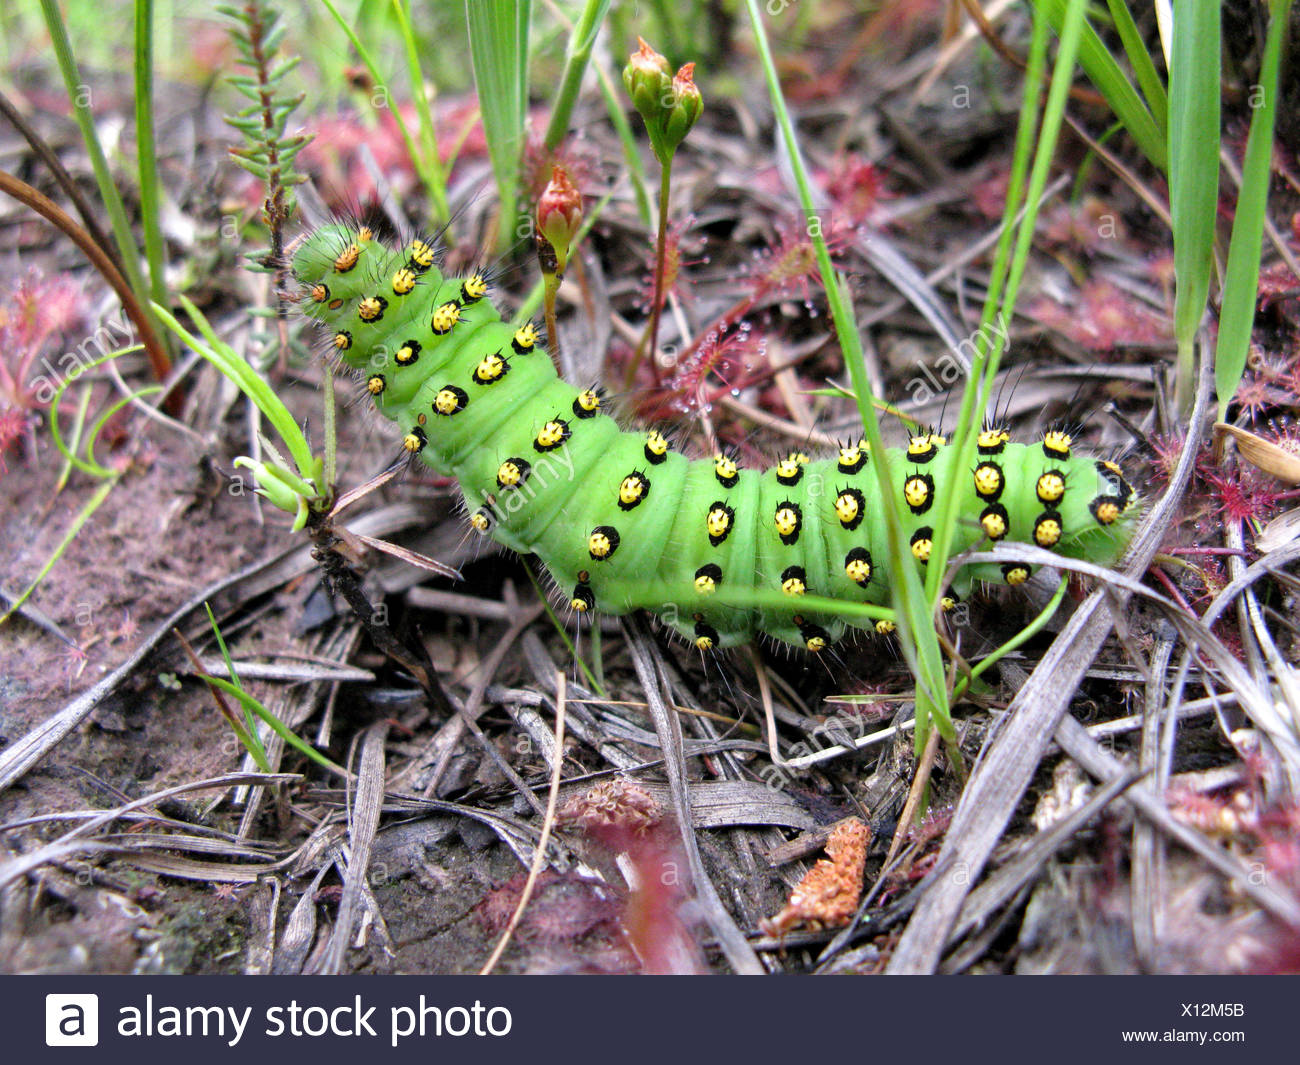 emperor moth (Saturnia pavonia, Eudia pavonia), caterpillar on the ground between Drosera, Germany, North Rhine-Westphalia - Stock Image